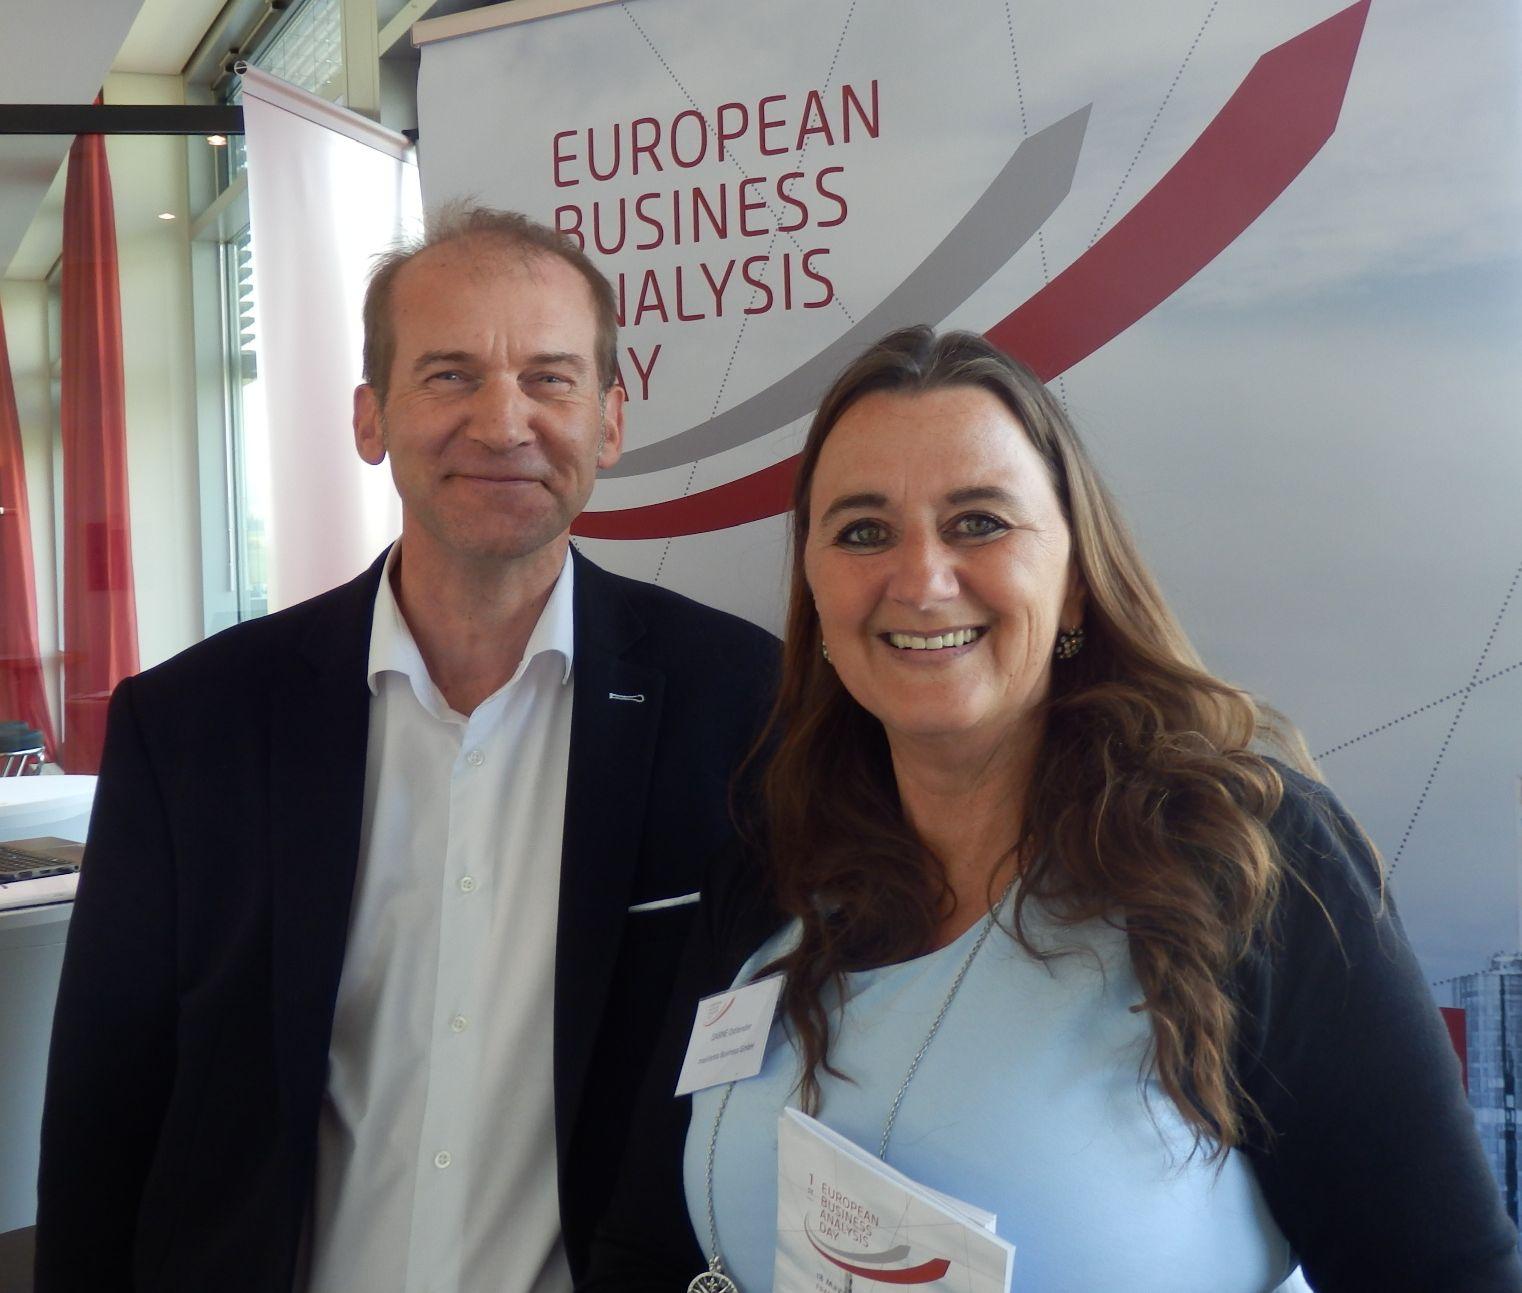 BA Day 2018: Sabine Ostlender, managing director of masVenta Business GmbH, and Robert Baumgartner, PMP, VP Finance & Sponsoring of PMICC